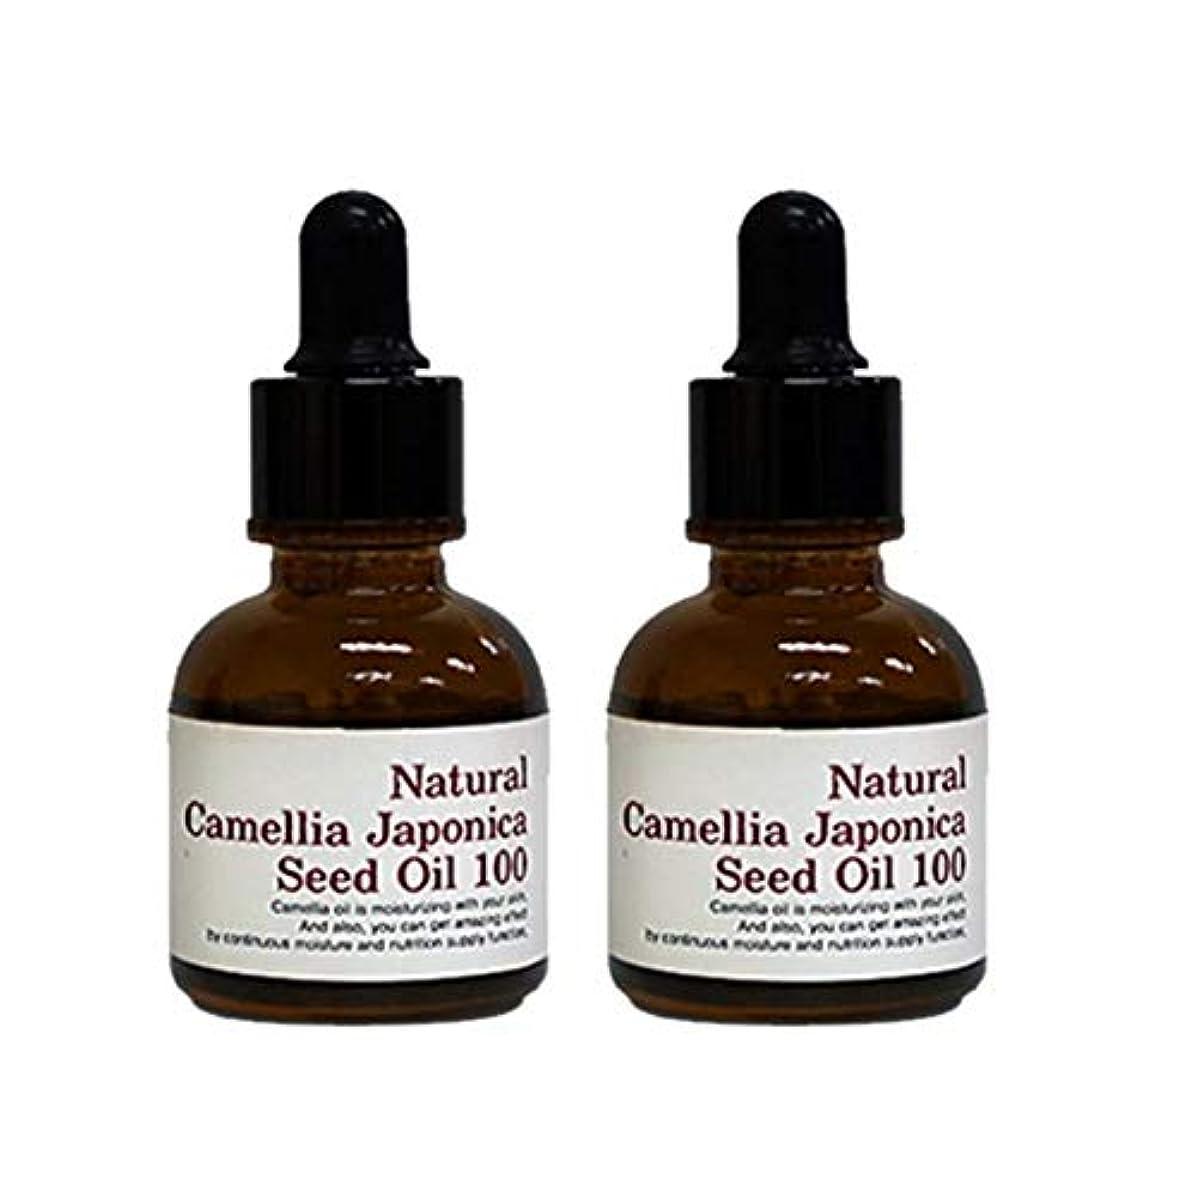 スキンアイナチュラル?発効、椿、オイル100 20ml x 2本セット、Skineye Natural Camellia Japonica Seed Oil 100 20ml x 2ea Set [並行輸入品]